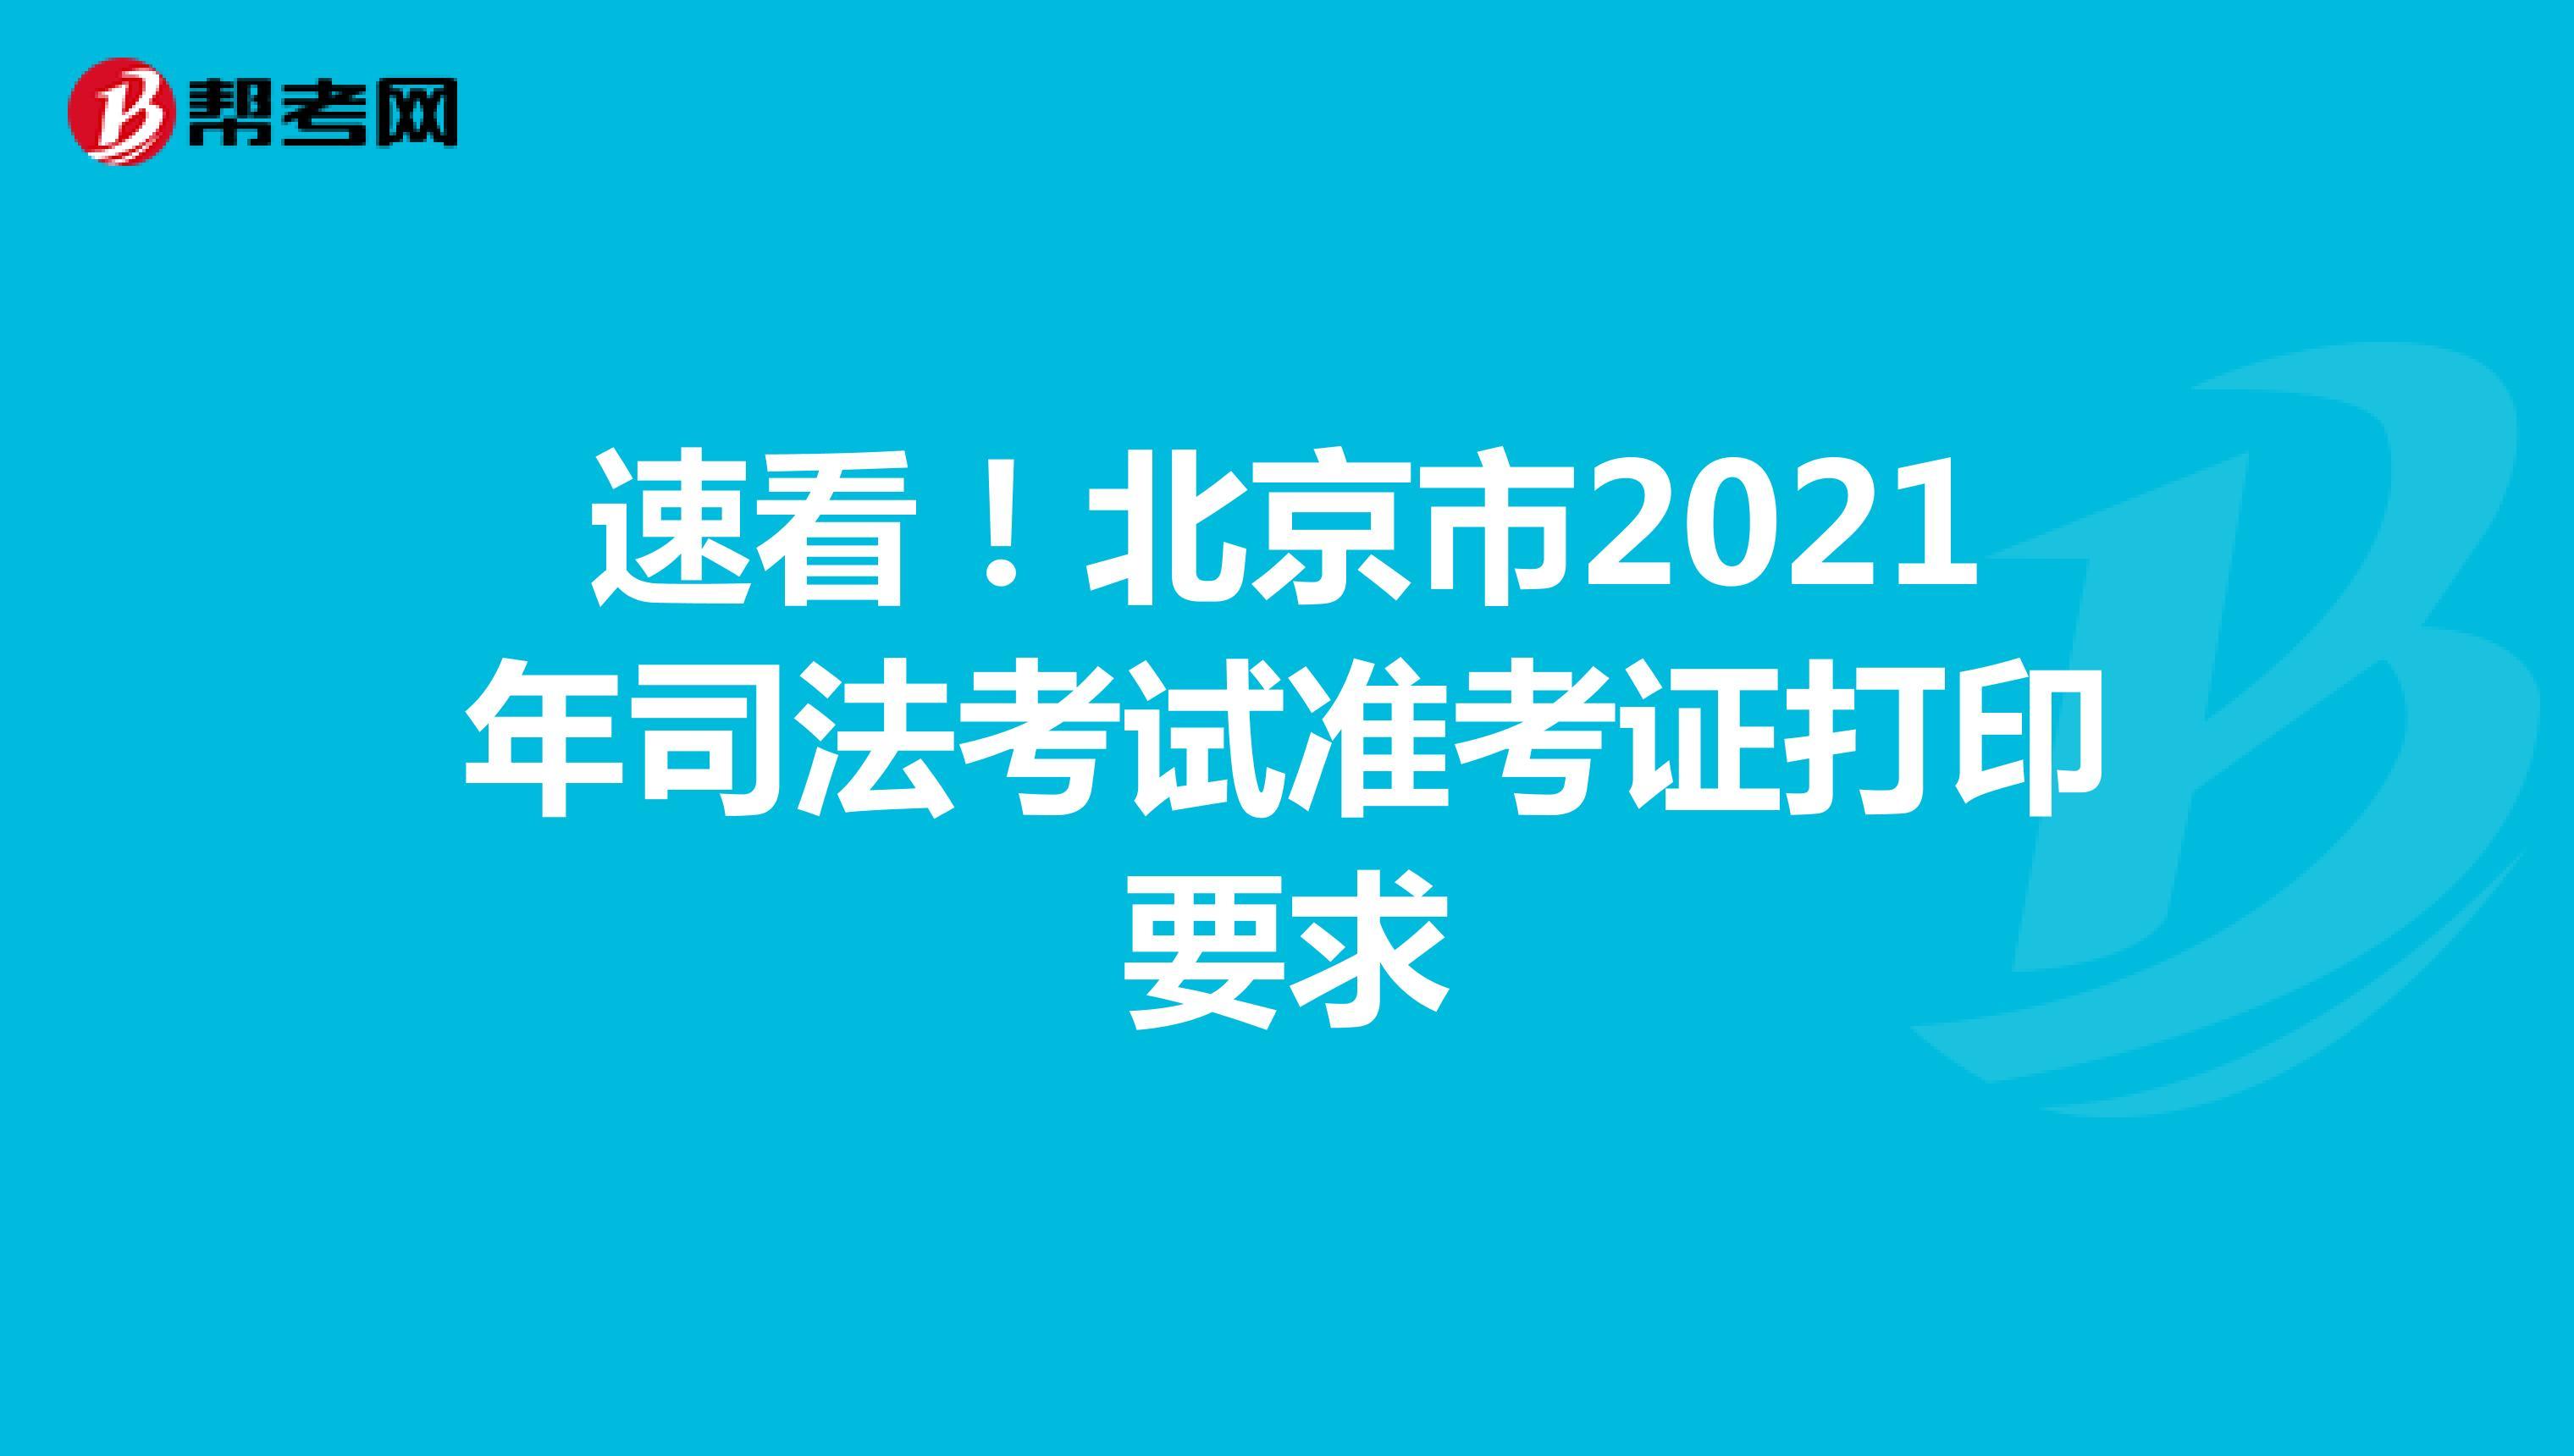 速看!北京市2021年司法考试准考证打印要求